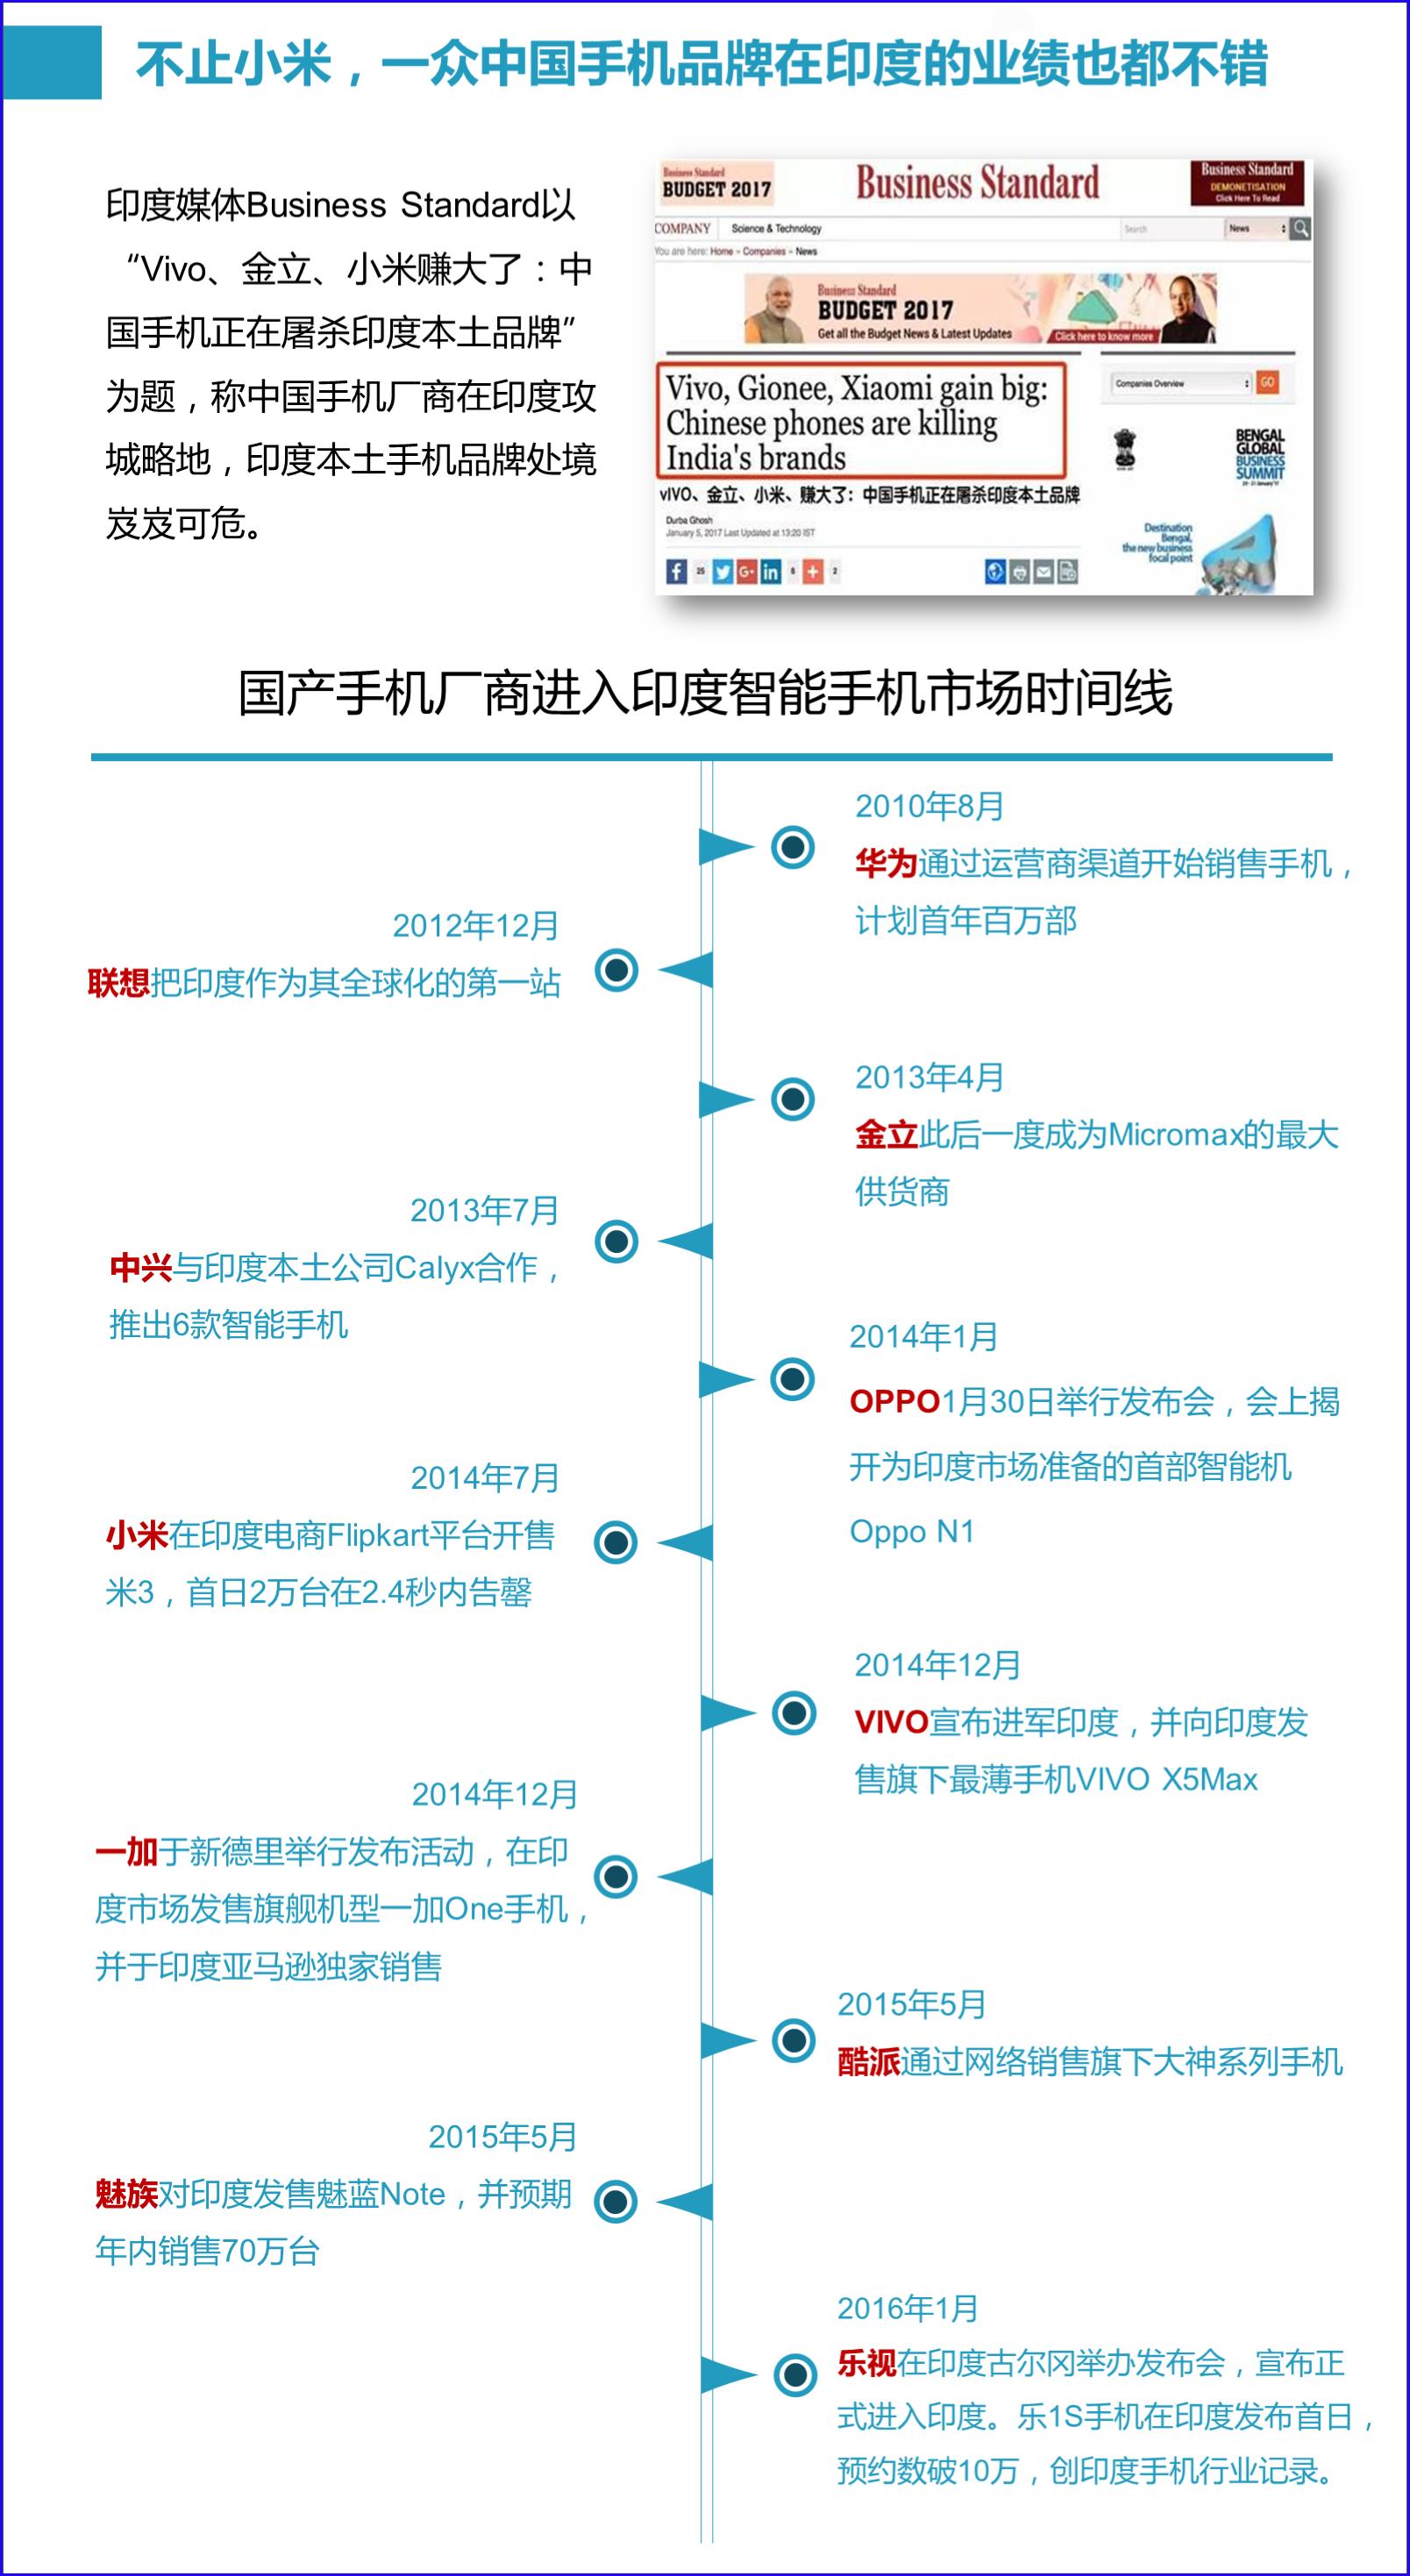 押寶未來,中國互聯網軍團正全面勾勒印度版圖